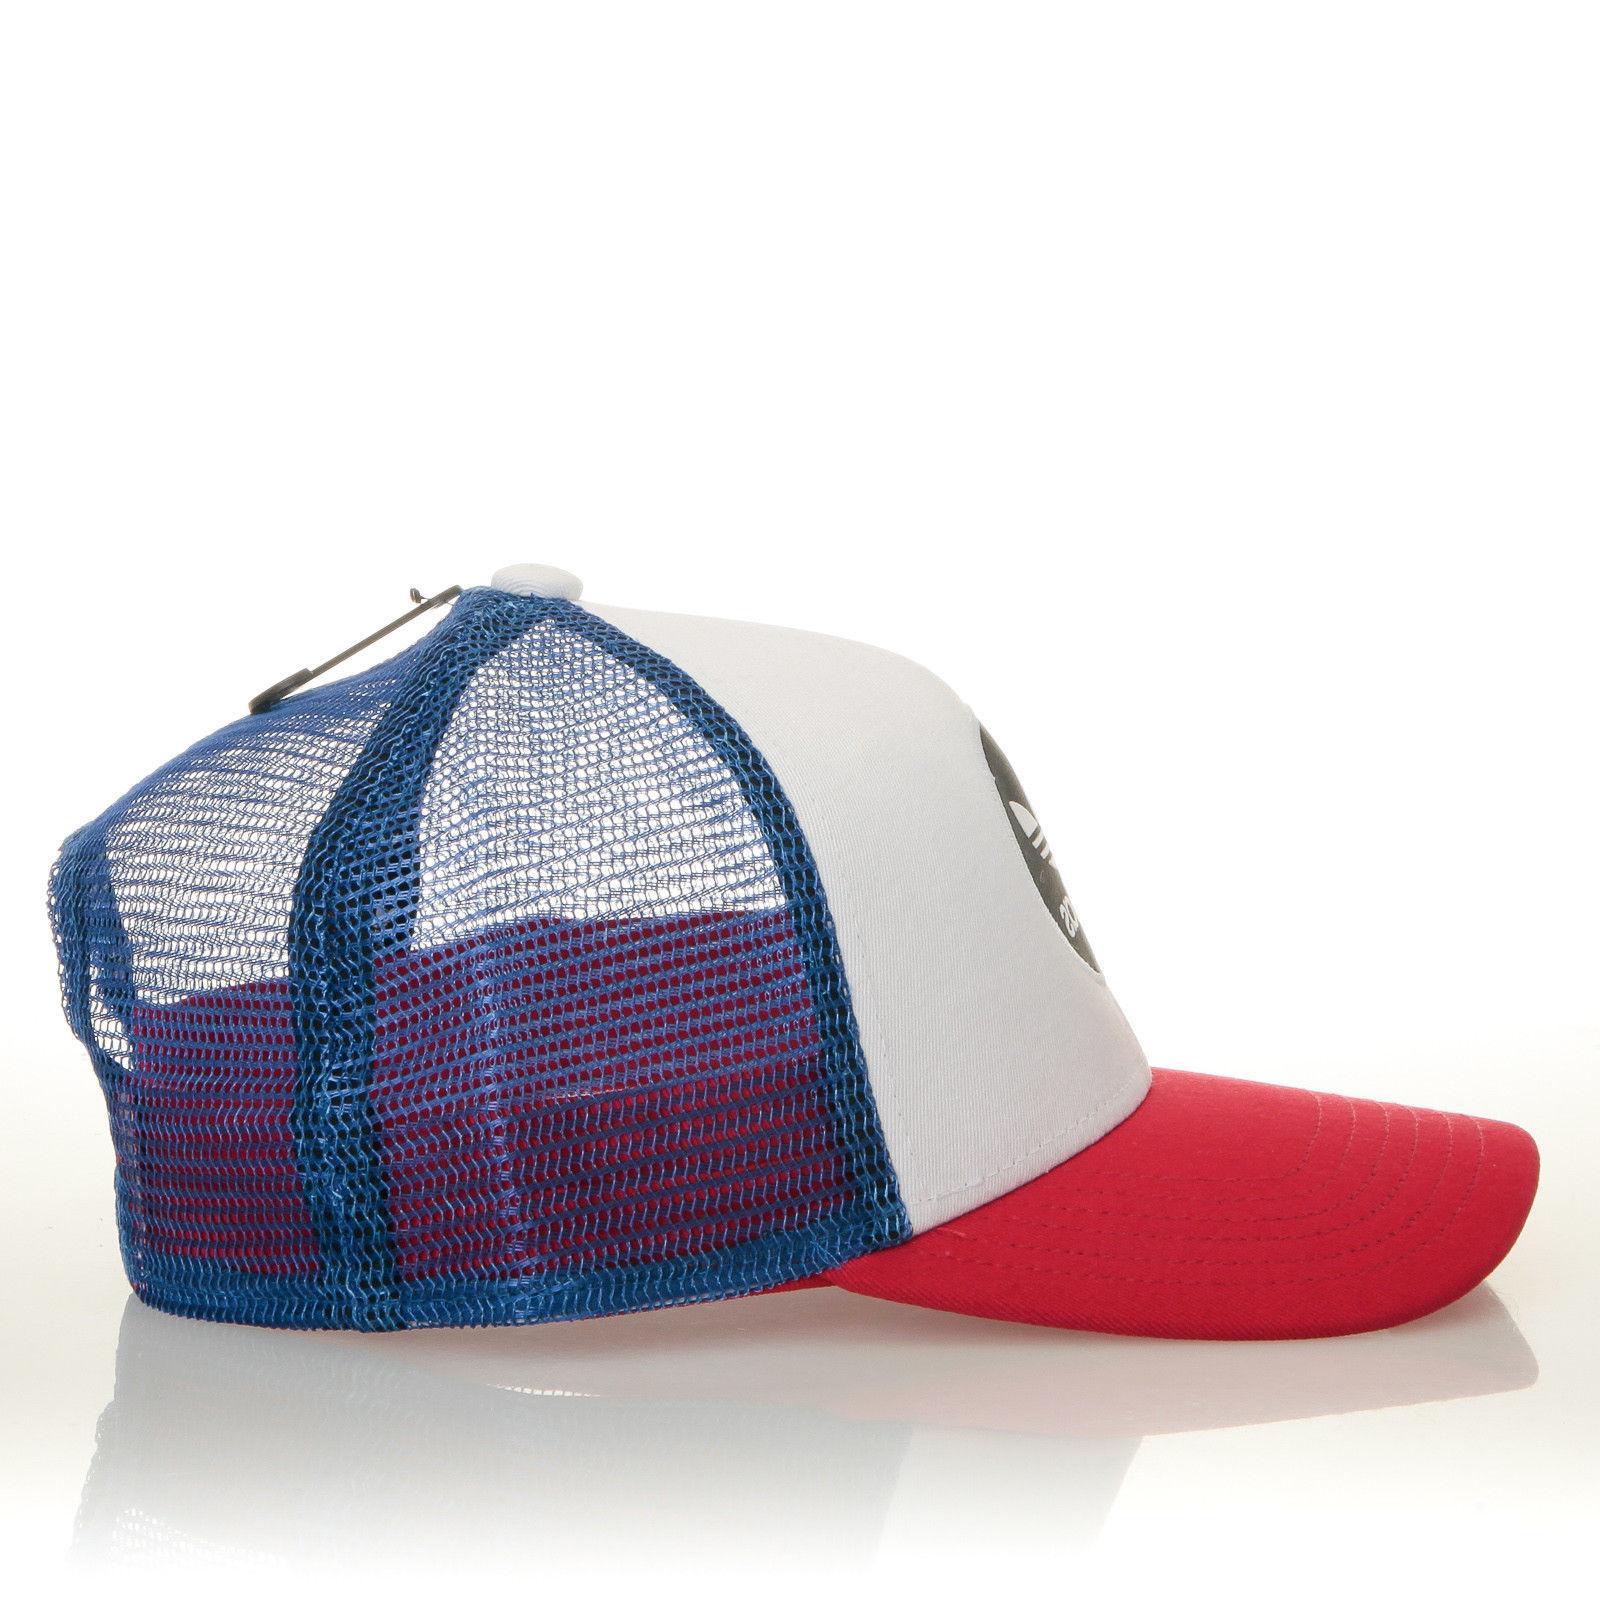 Adidas Originals OG Red White Hat